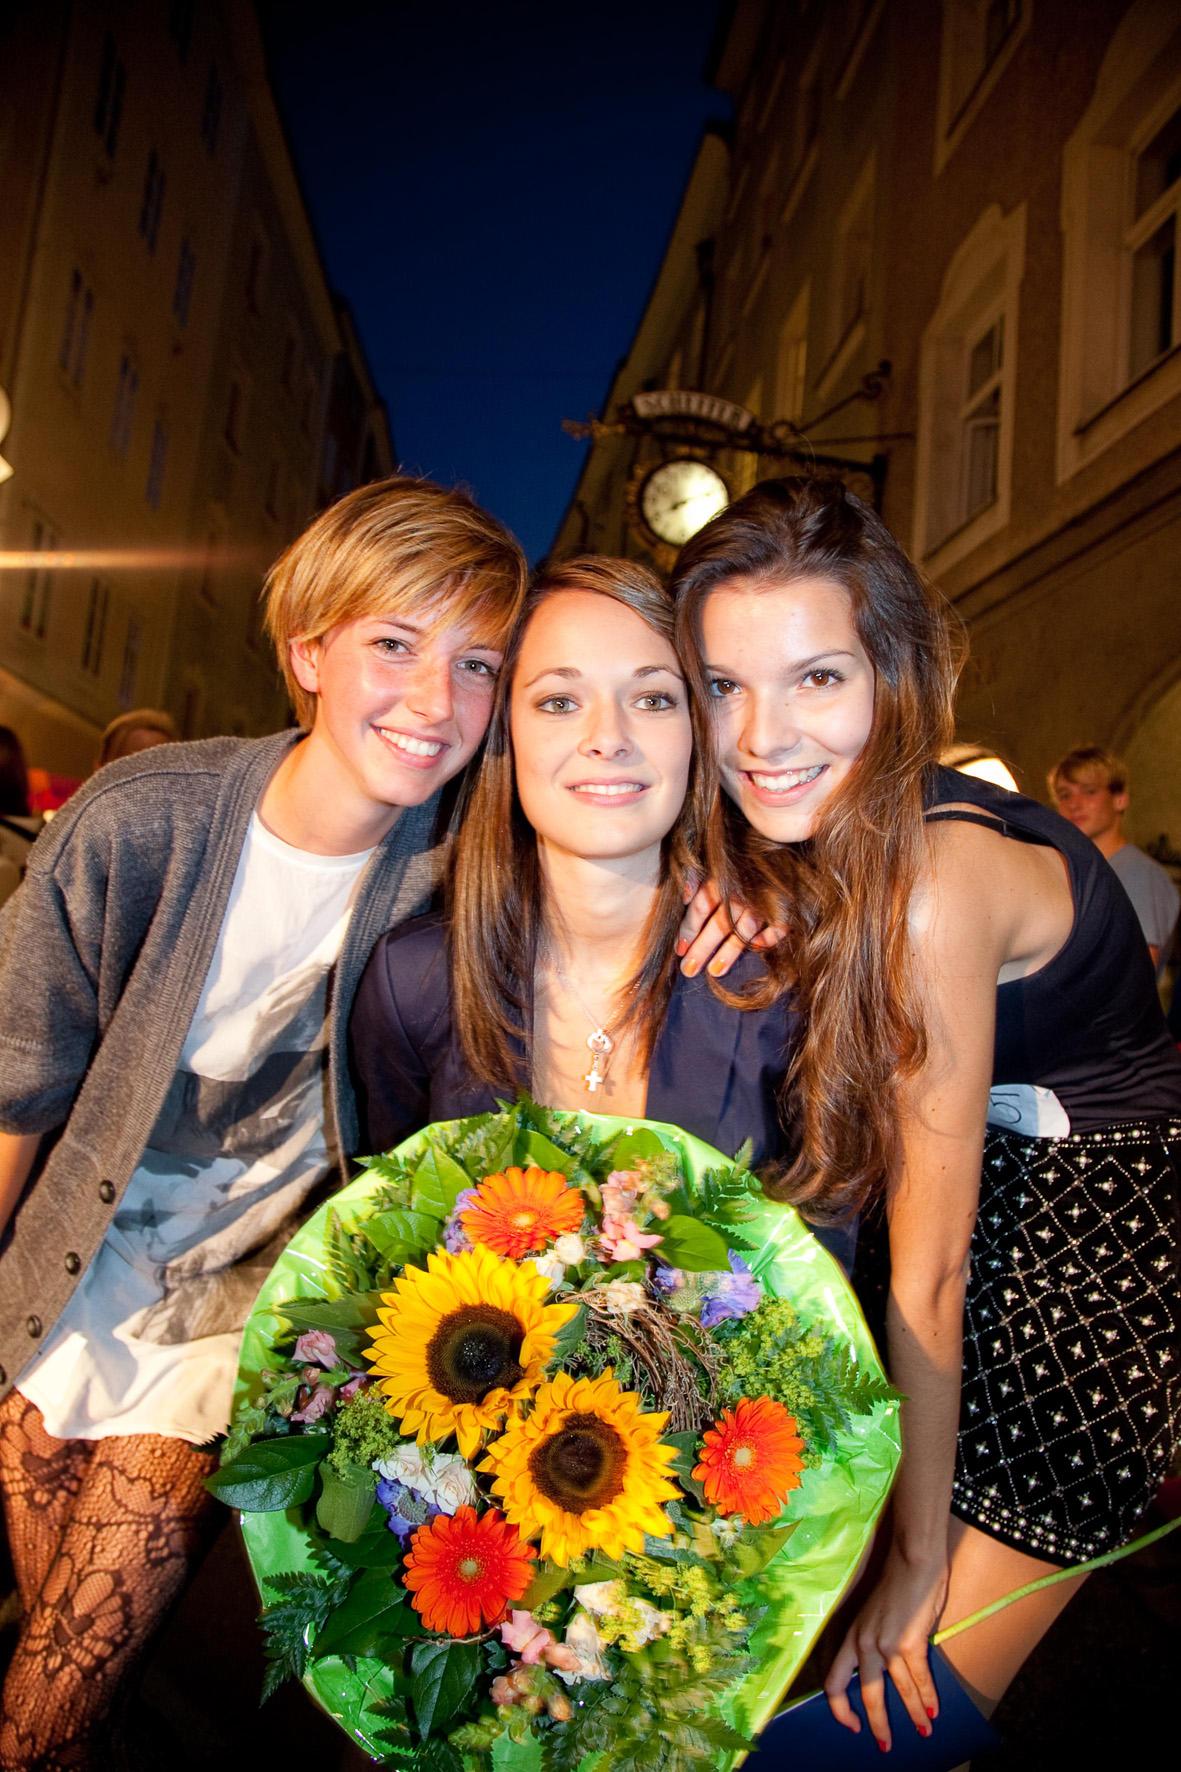 Das sind die drei Gewinnerinnen, die beim Model-Casting am 7. September in der Linzer Gasse von einer hochkaraetigen Jury gewaehlt wurden (Foto Wildbild)